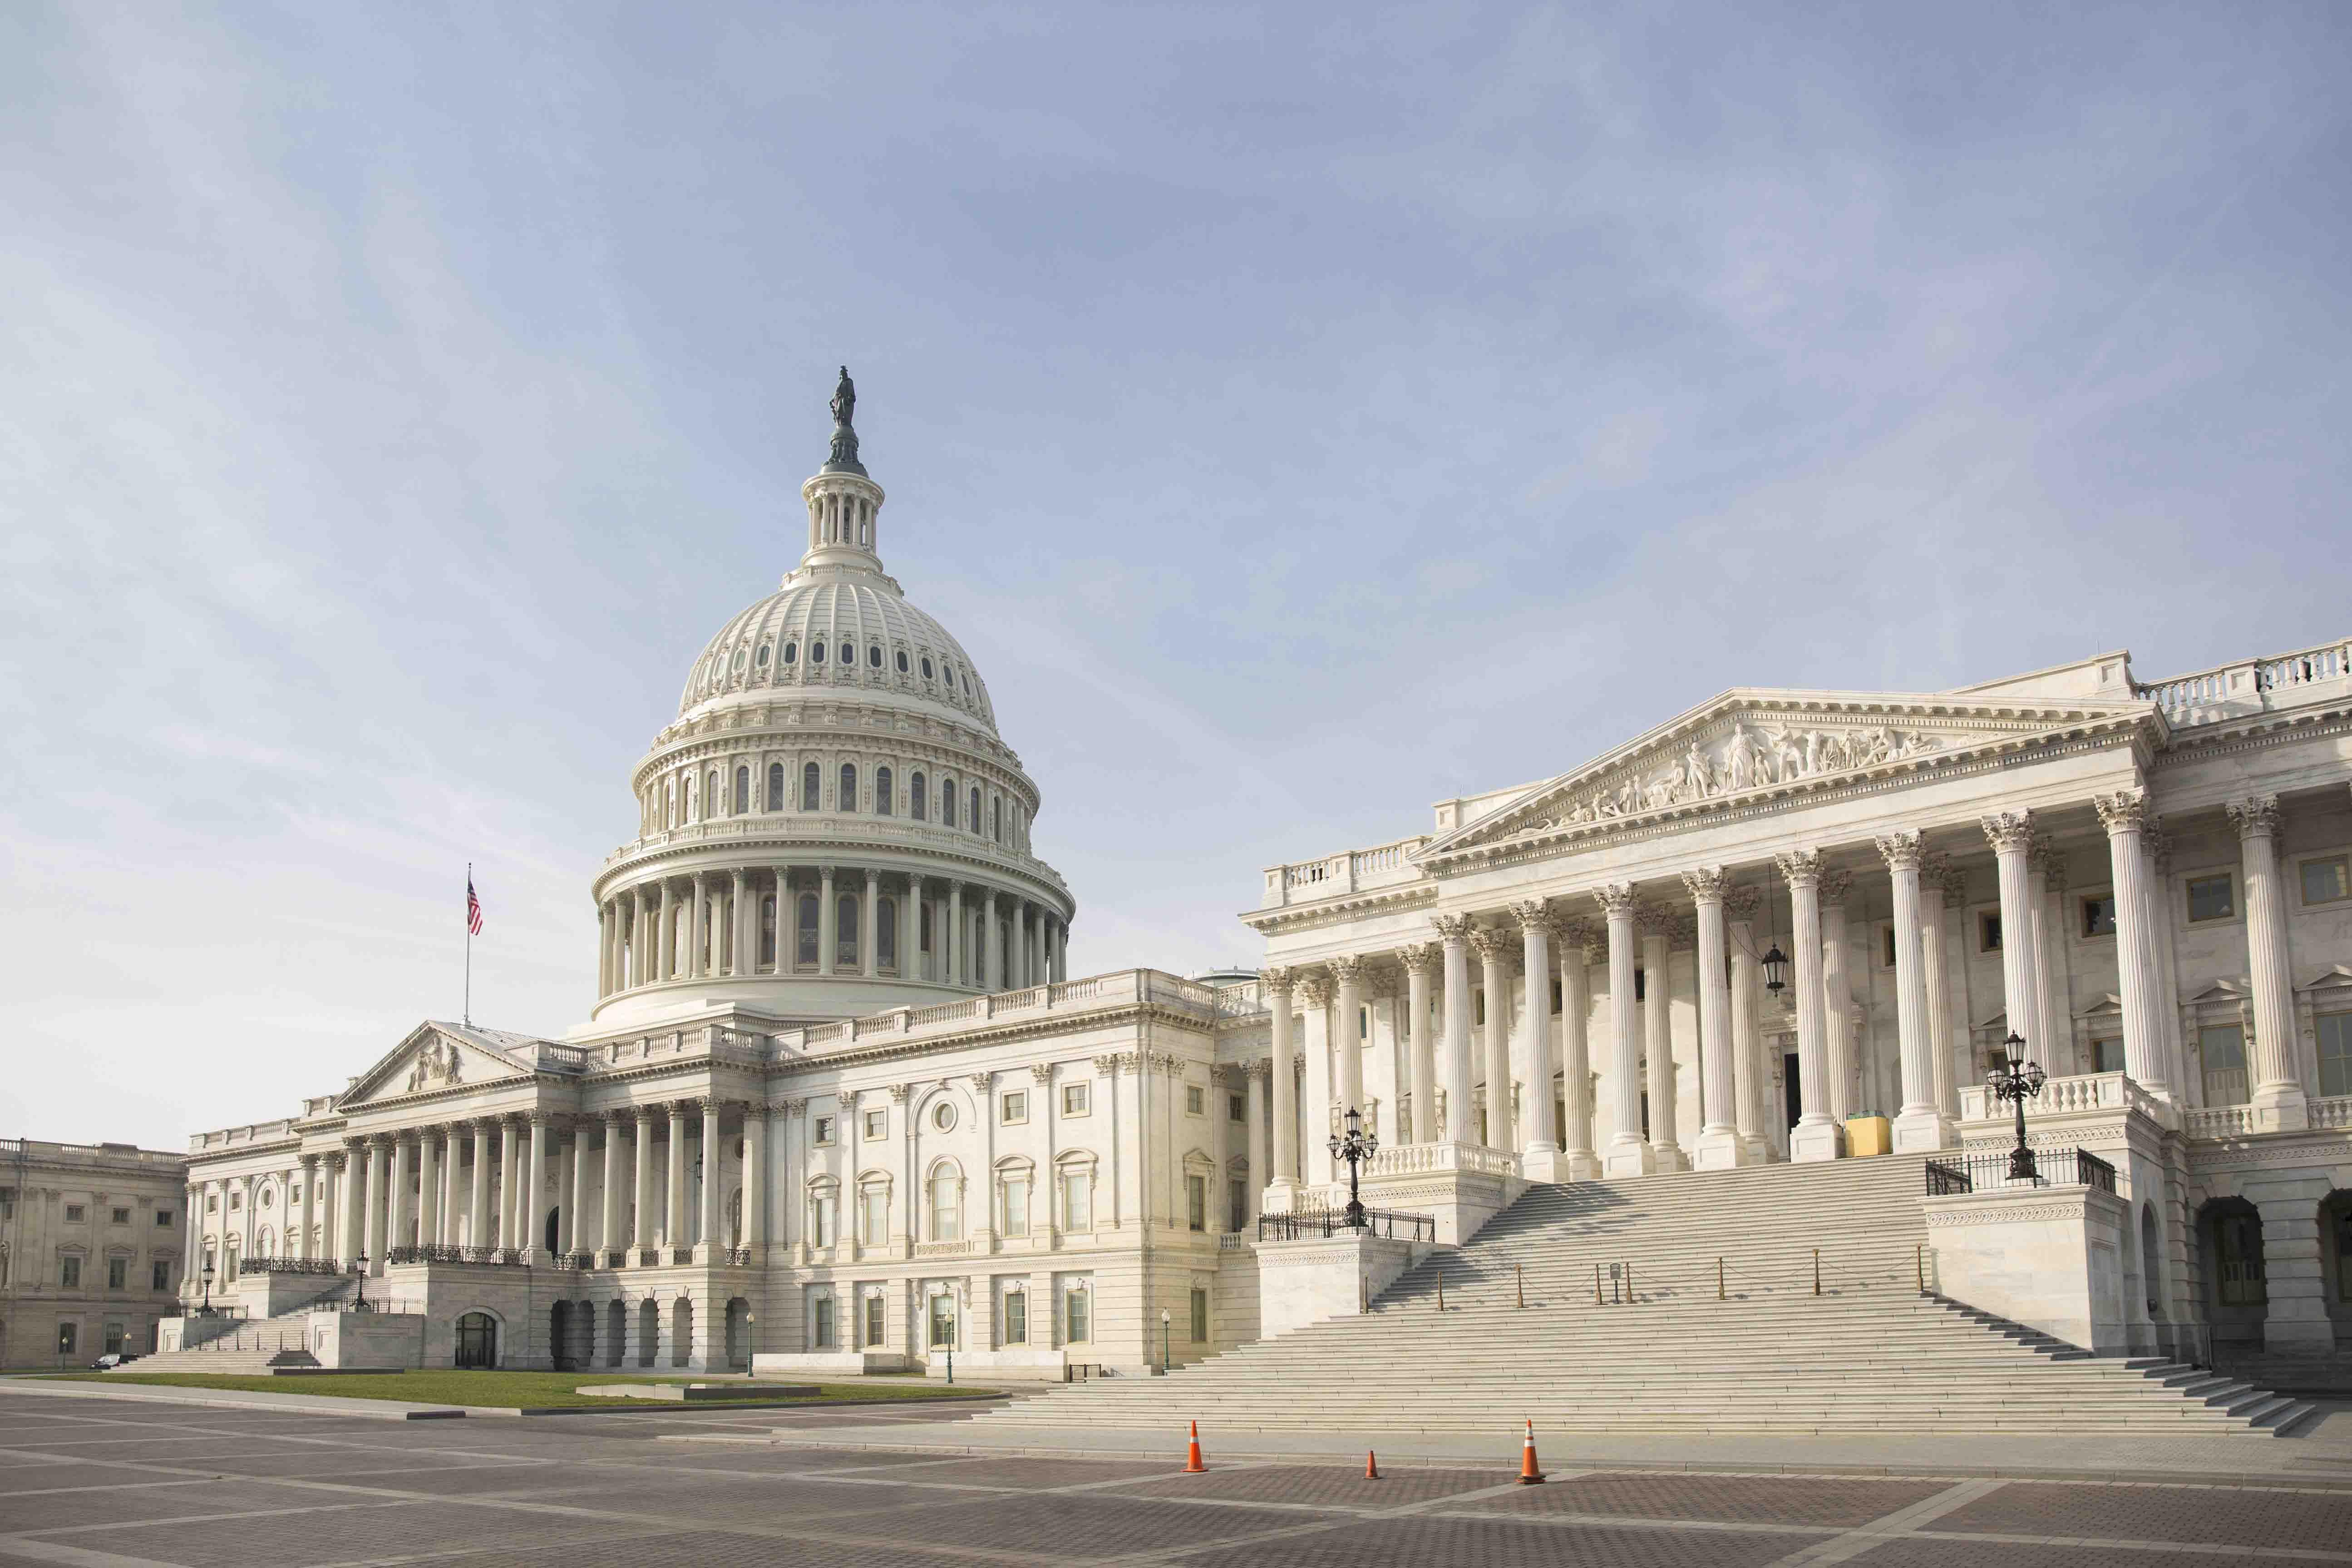 眾院通過含築牆費支出法案 特朗普向參院喊話